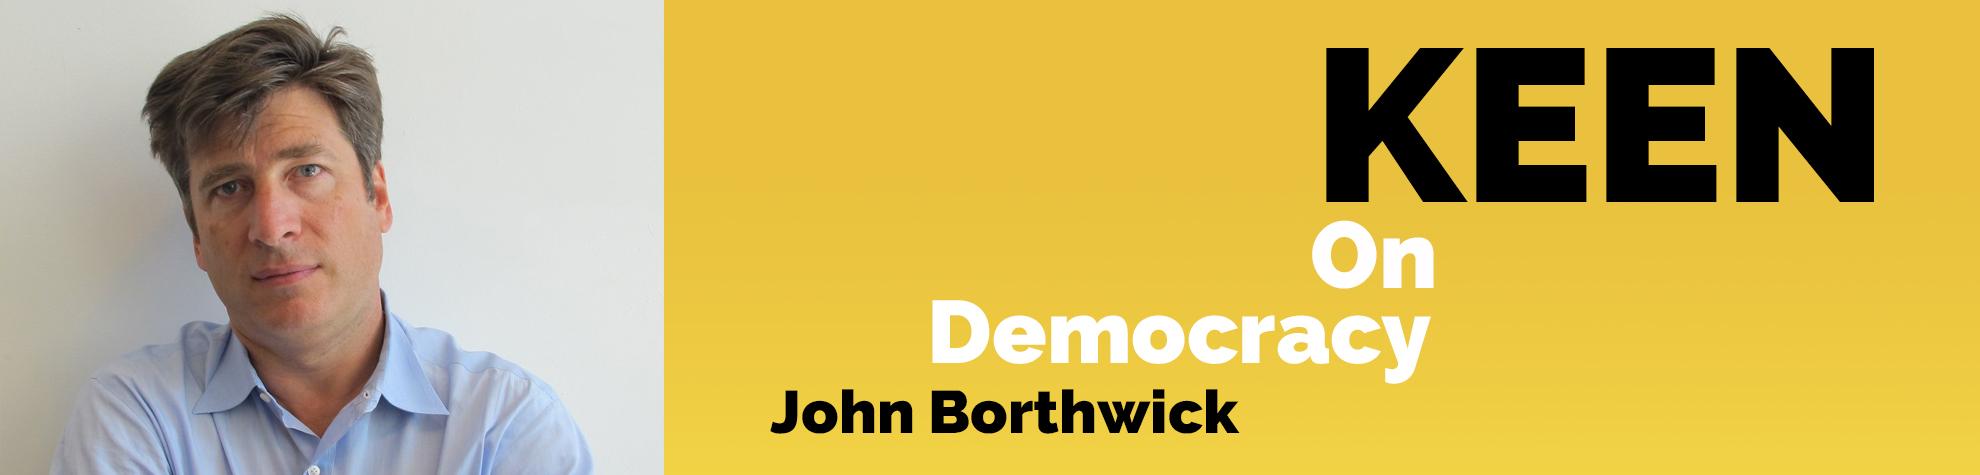 john borthwick.jpg